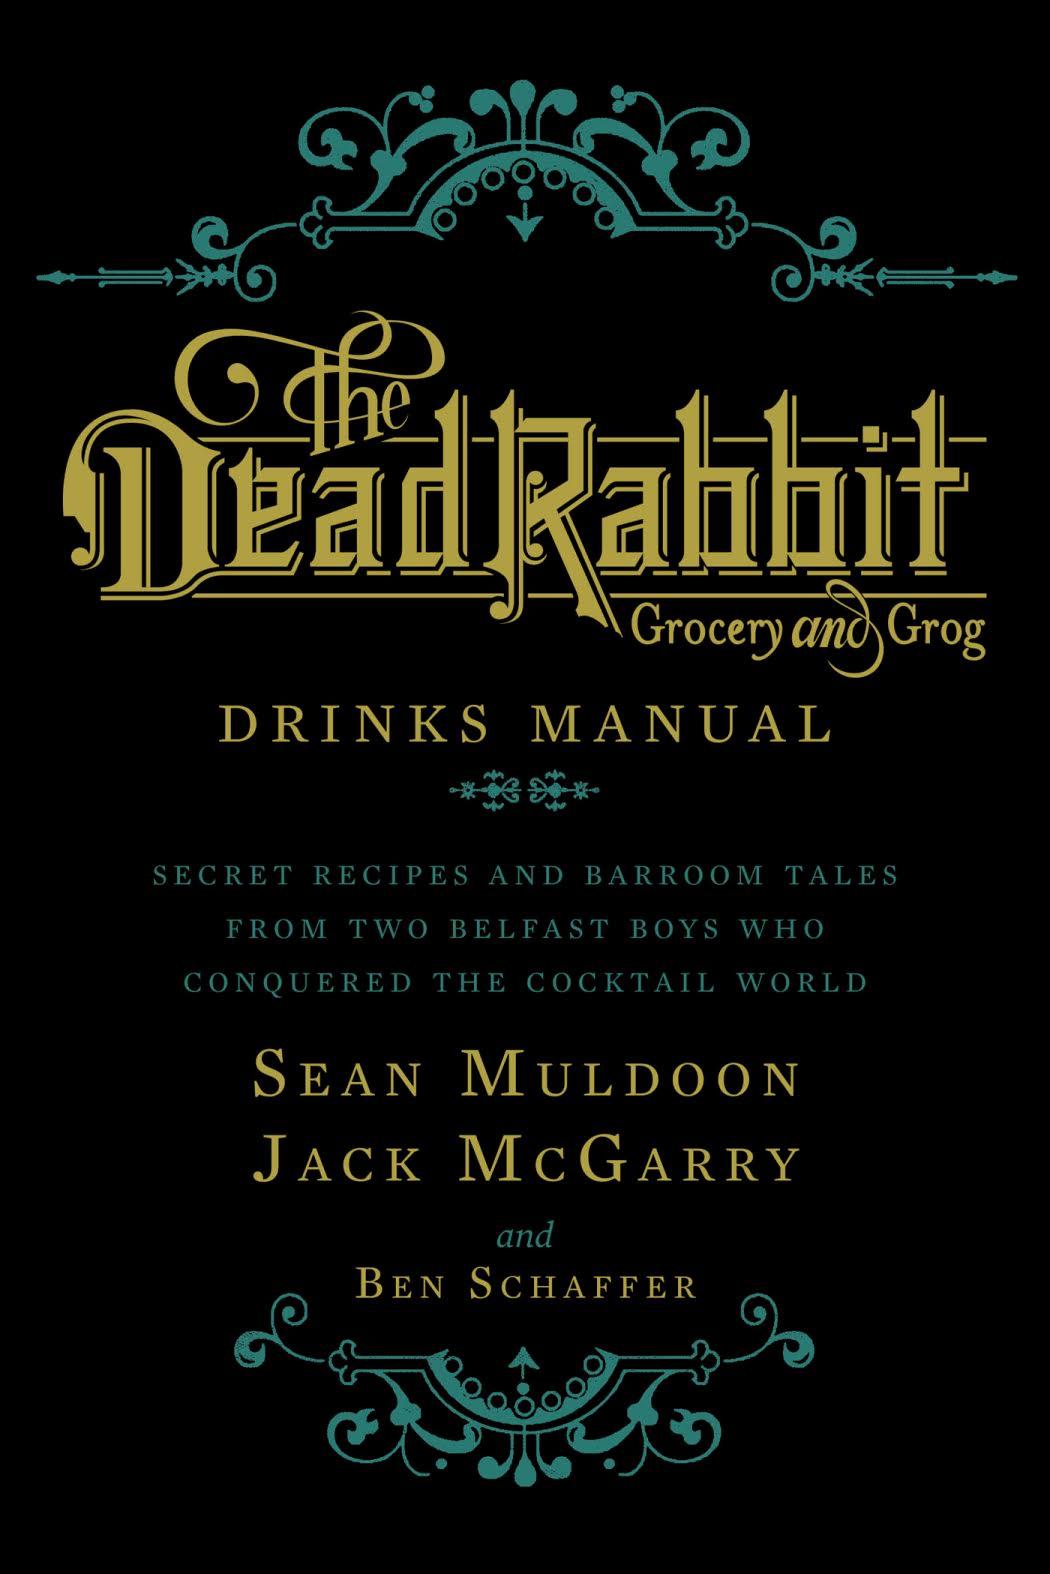 Sean Muldoon, Jack McGarry & Ben Schaffer <br>Houghton Mifflin Harcourt